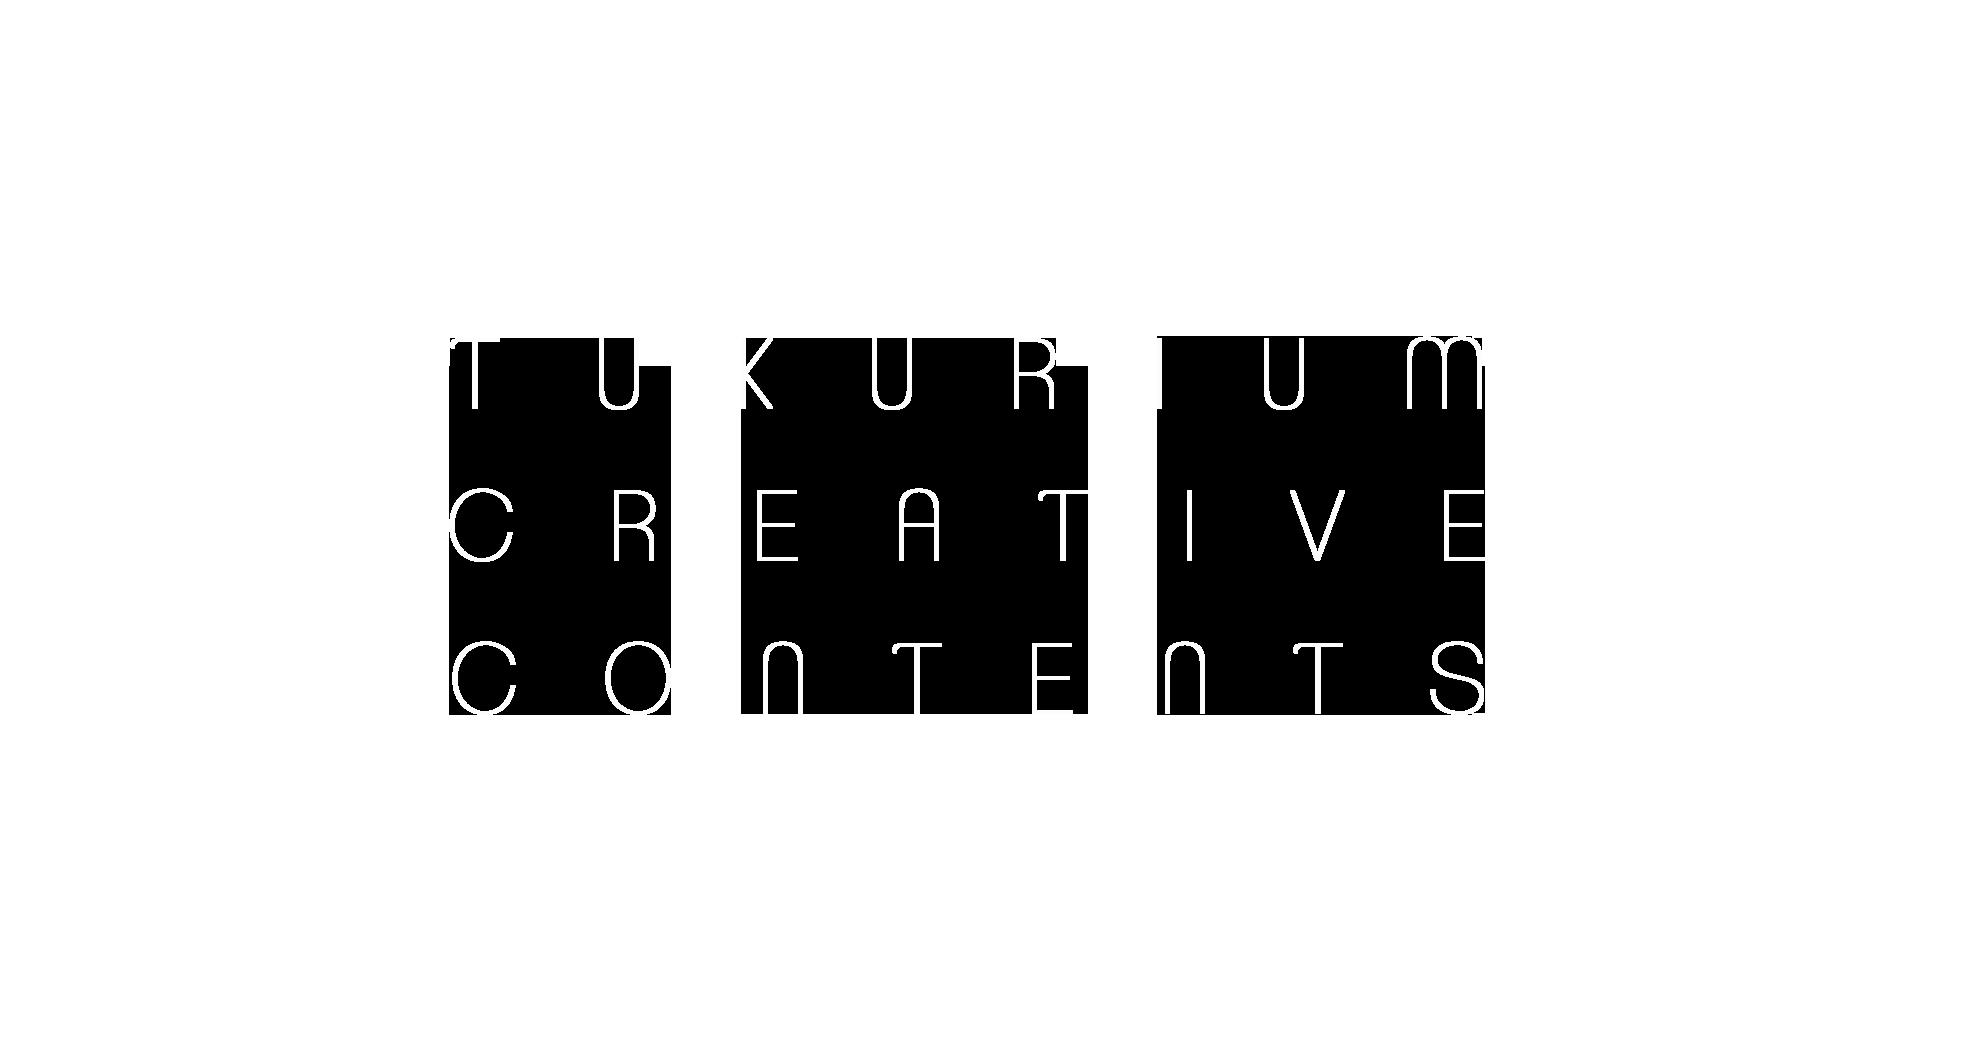 TUKURIUM CREATIVE CONTENTS